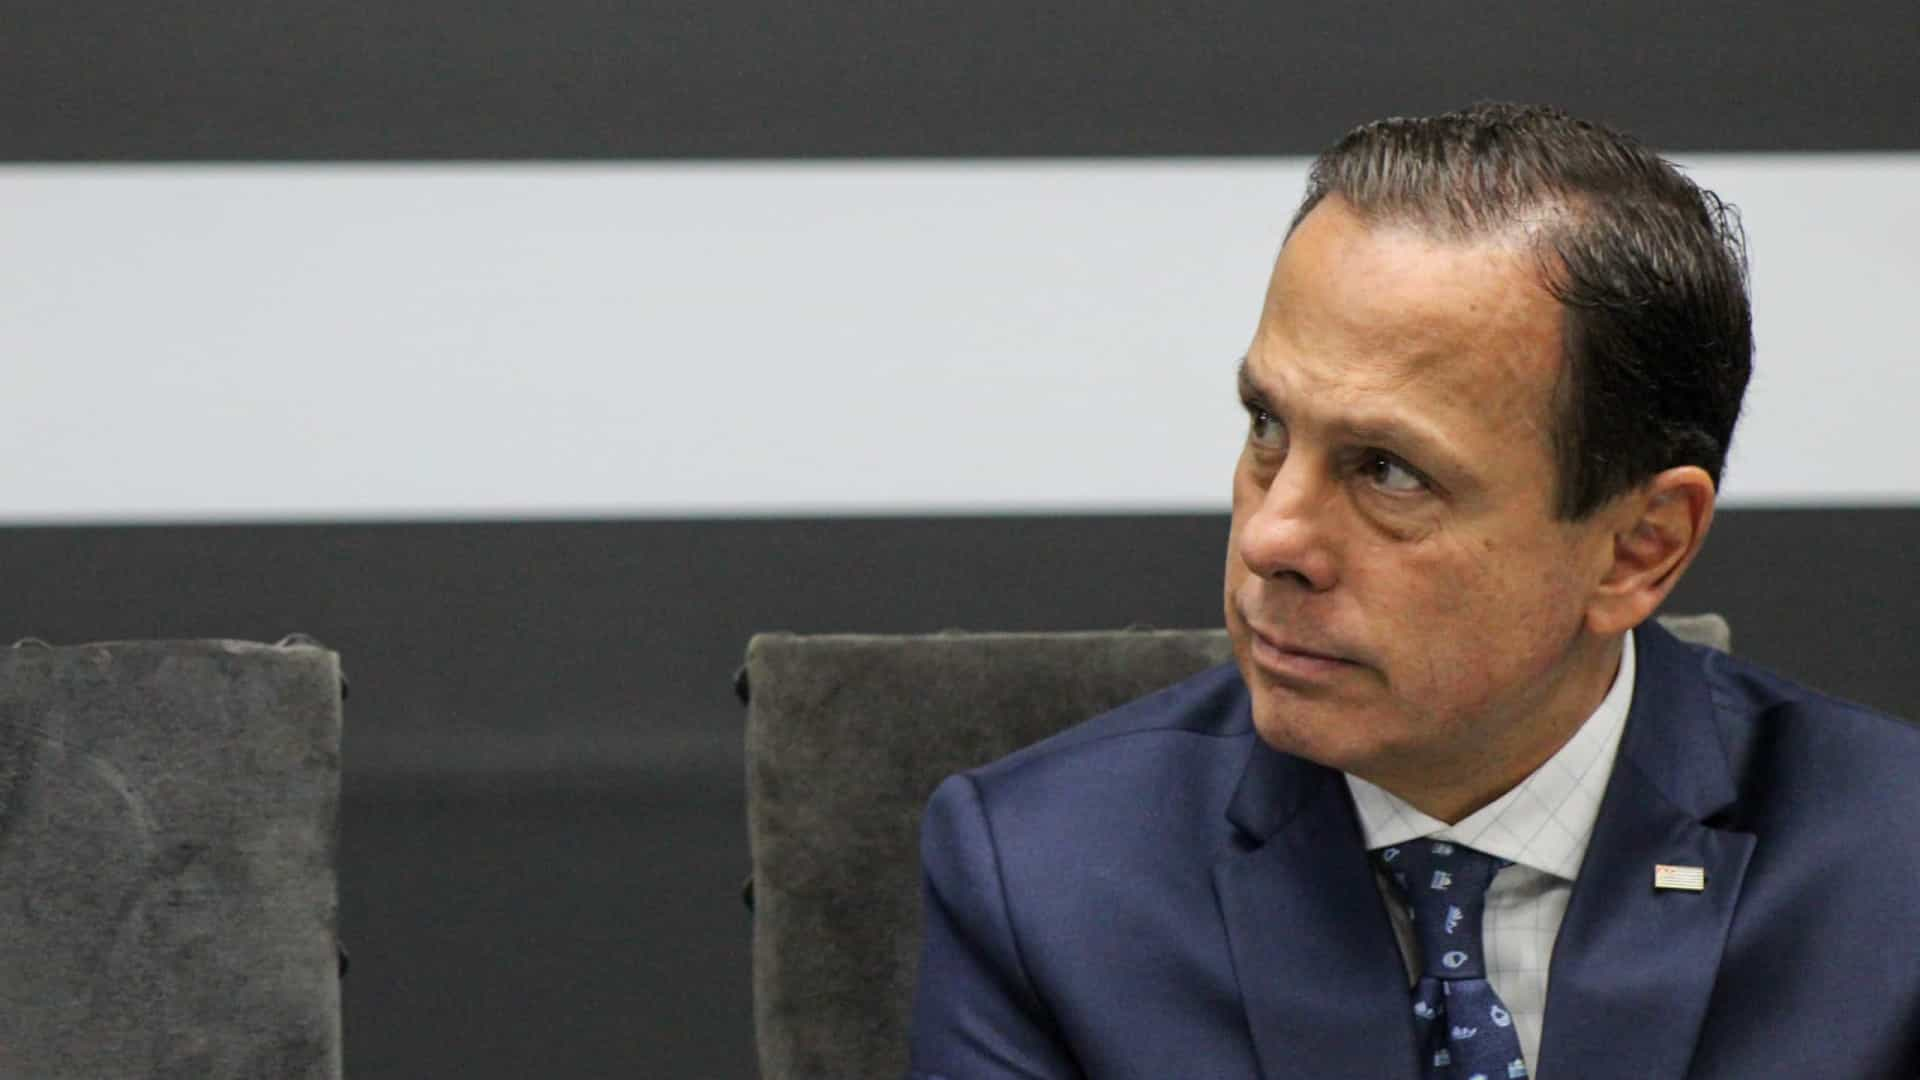 Embate entre Doria e Bolsonaro cria entrave para oito projetos em SP